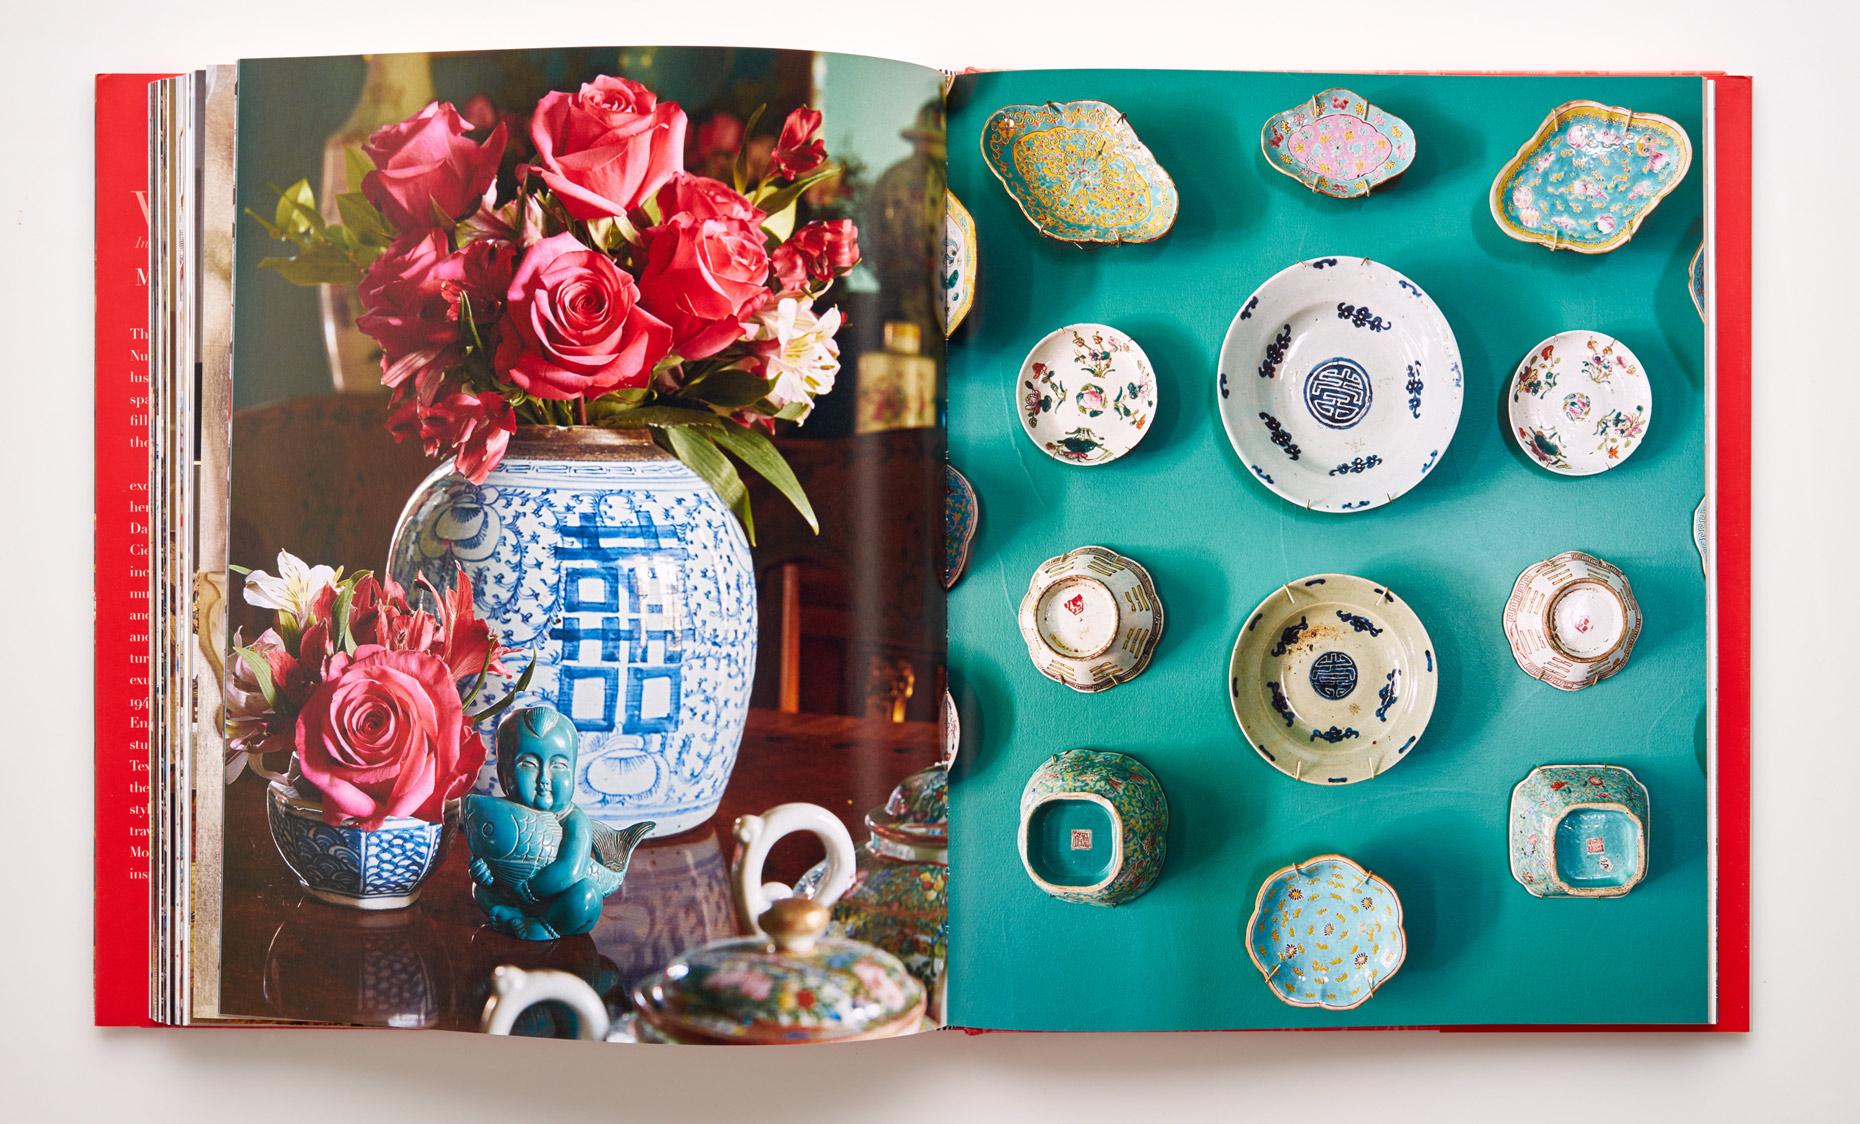 Stephen Karlisch Wanderlust Chinese Porcelain Elements